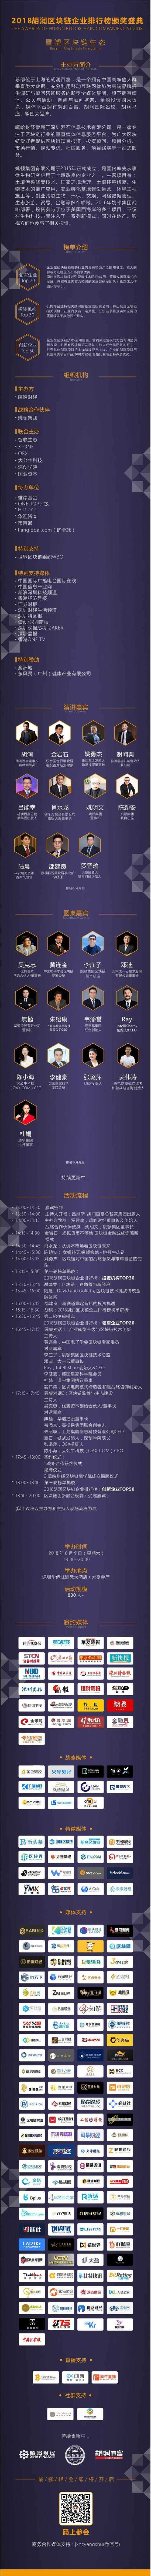 胡润区块链企业排行榜-活动行2018-6-6.jpg